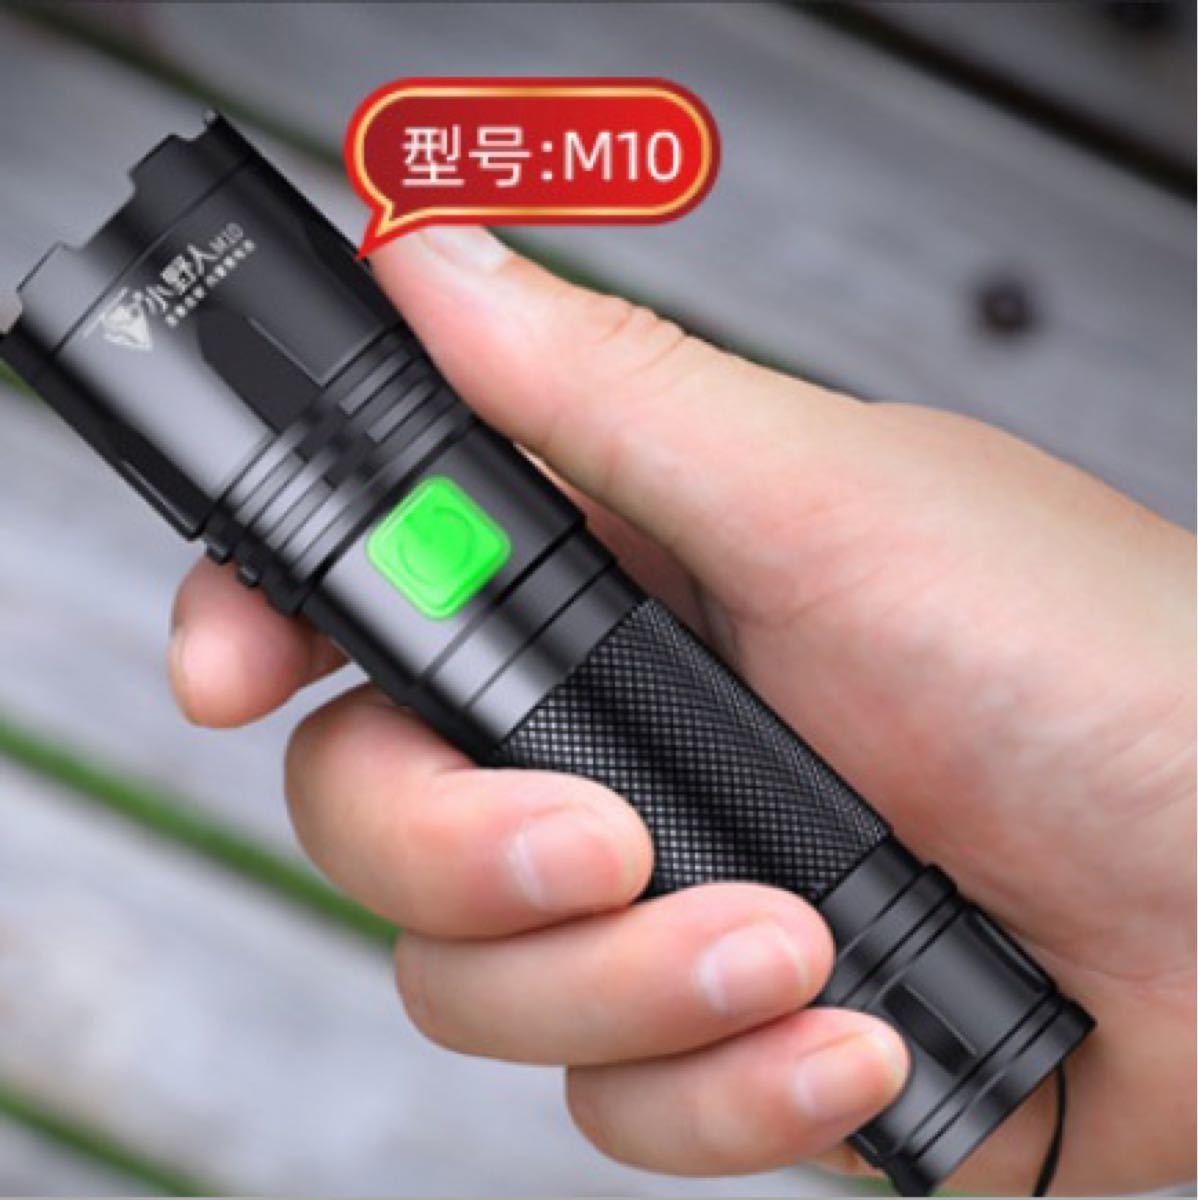 新品 USBケーブル付き懐中電灯 led USB充電式 強力 M10XPE 防水